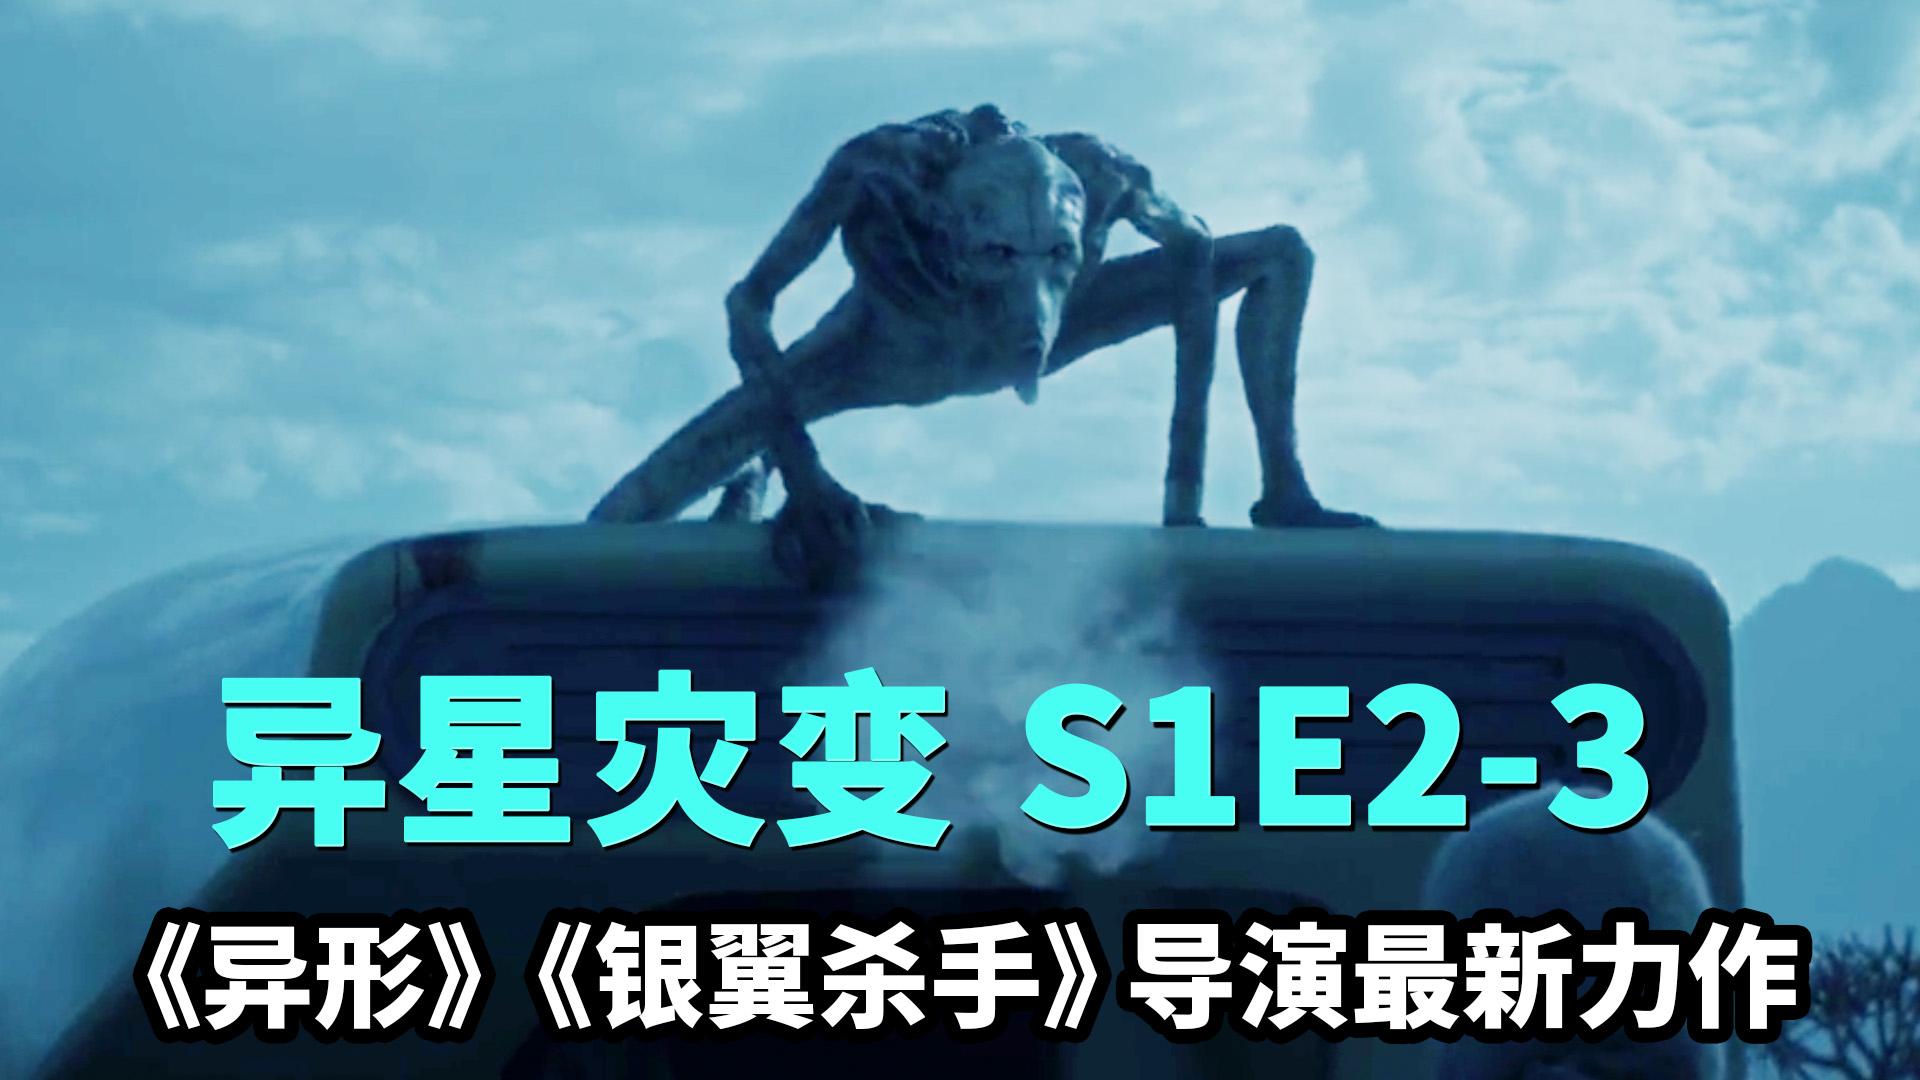 外星球惊现异形怪兽,本体是什么?今年最好看的科幻剧《异星灾变》S1E2-3